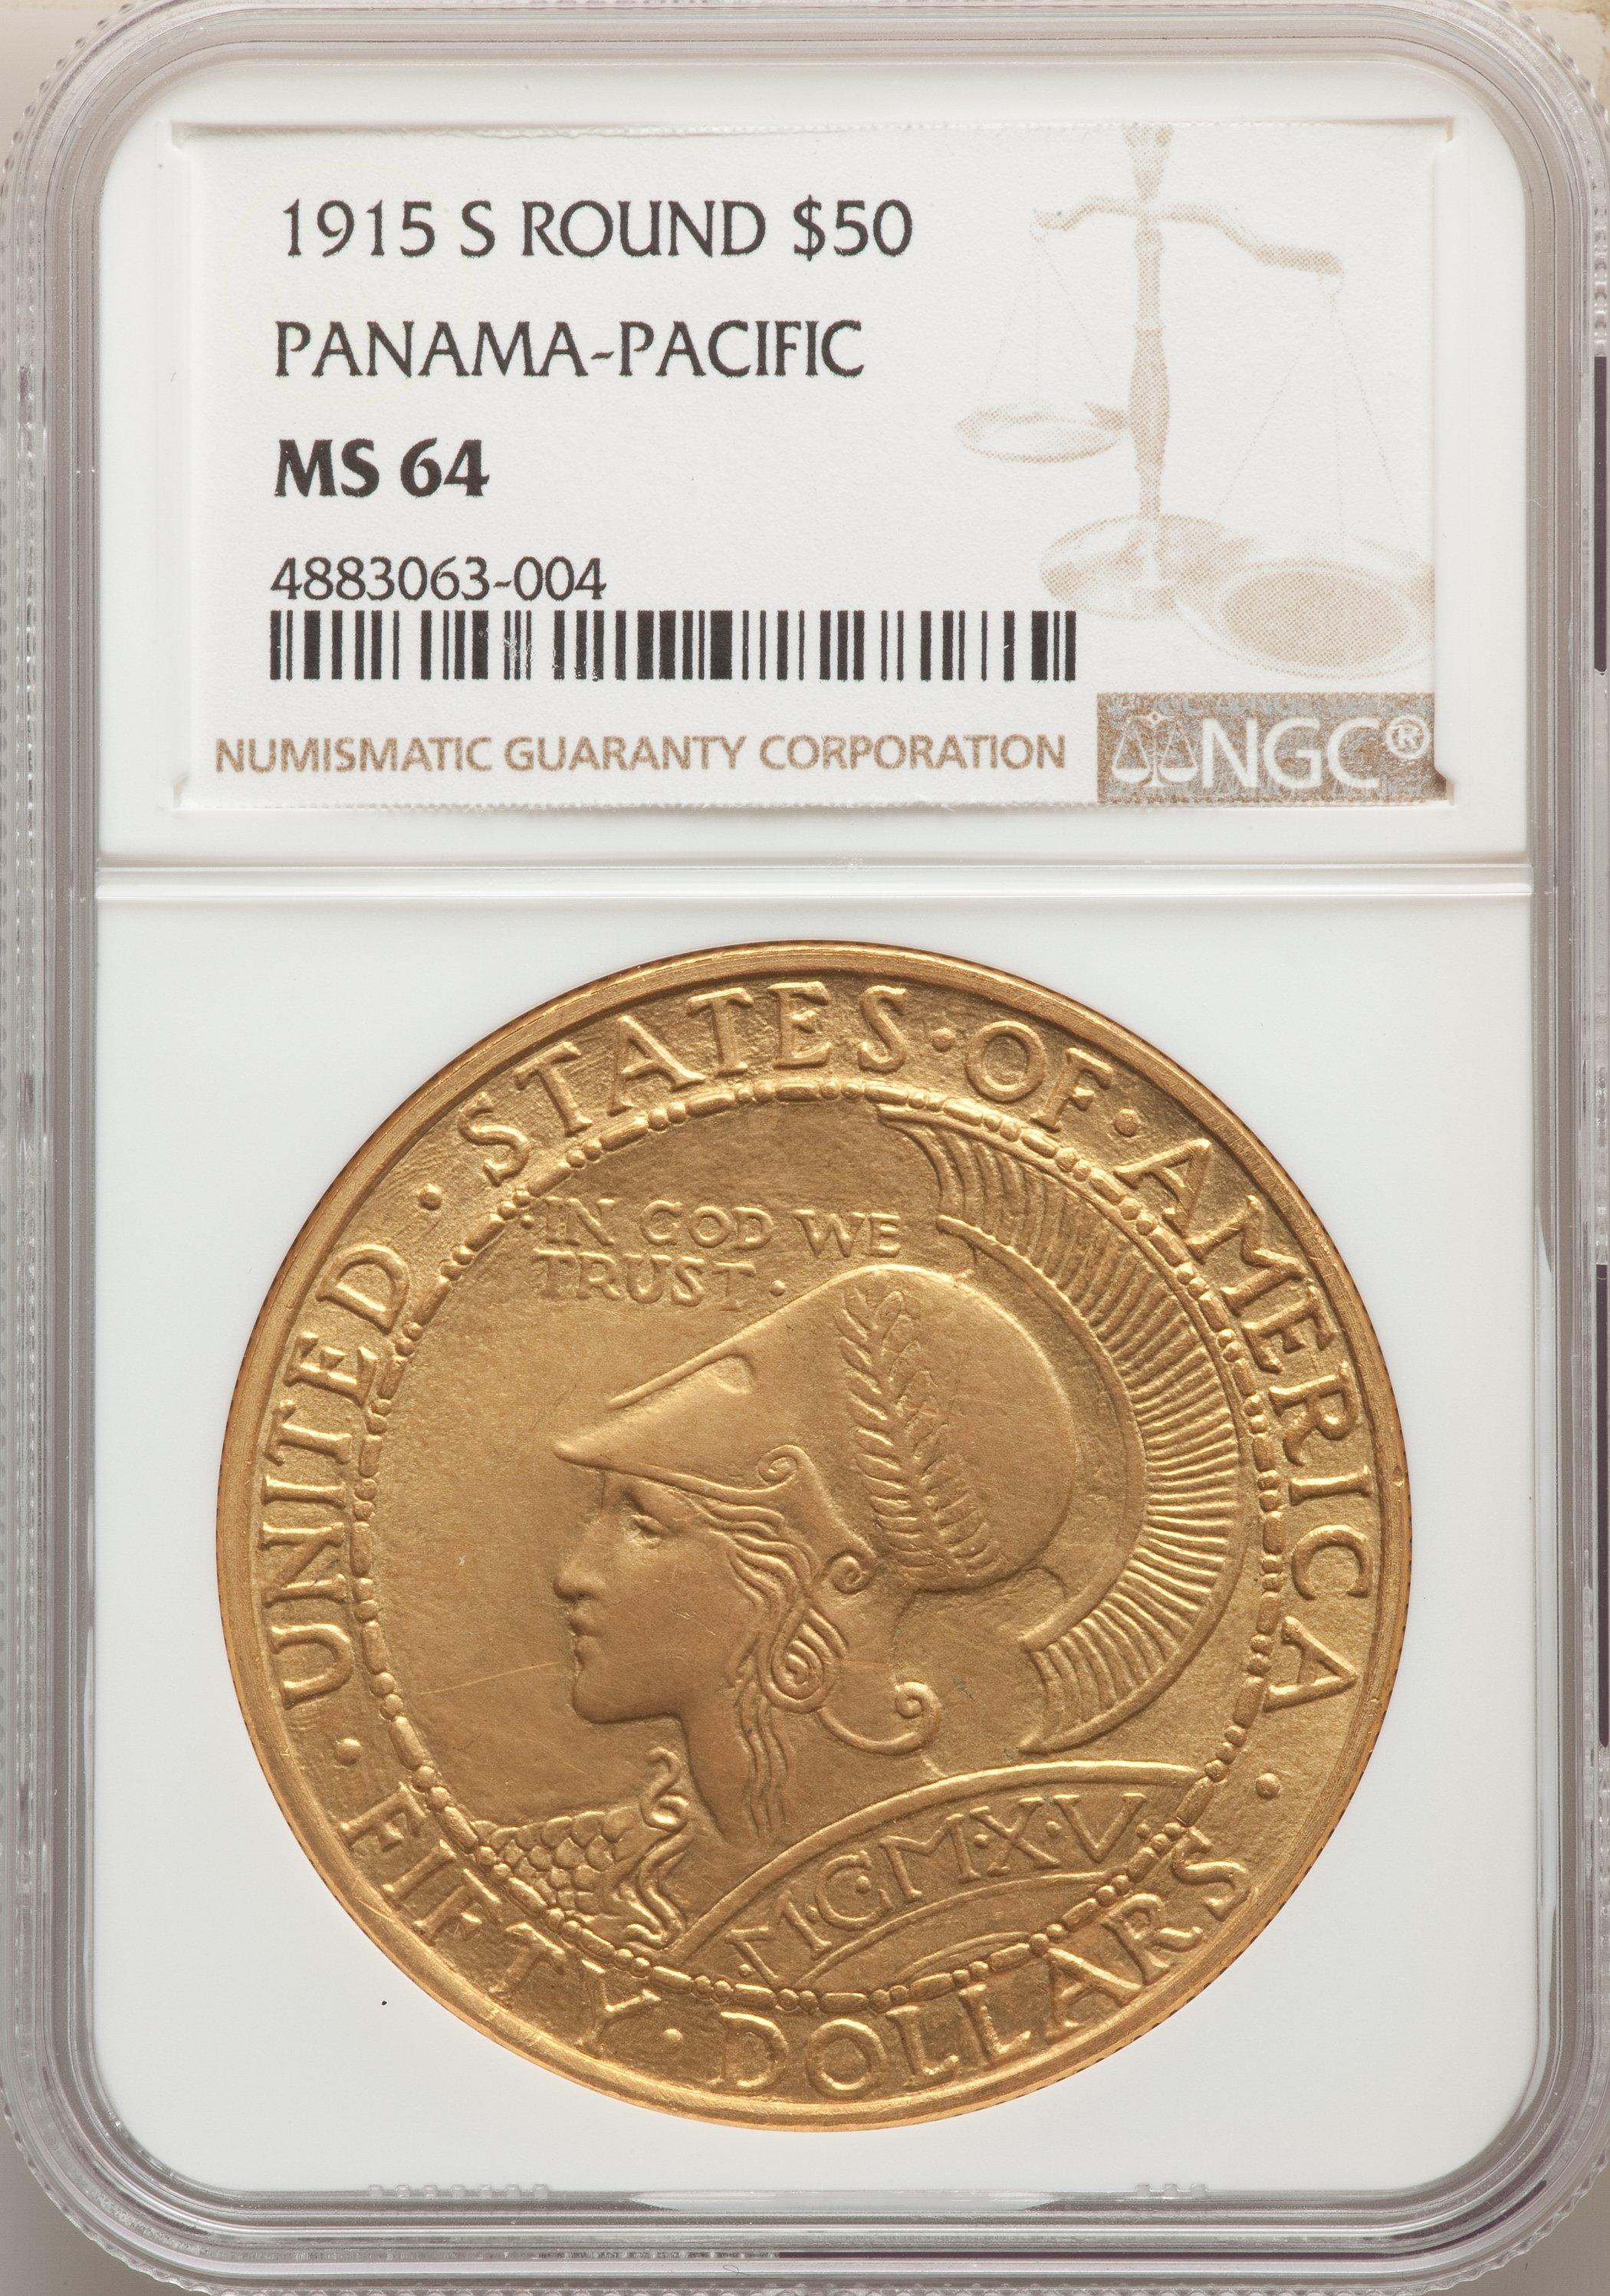 アメリカ1915年パナマパシフィック50ドル金貨NGC MS64画像